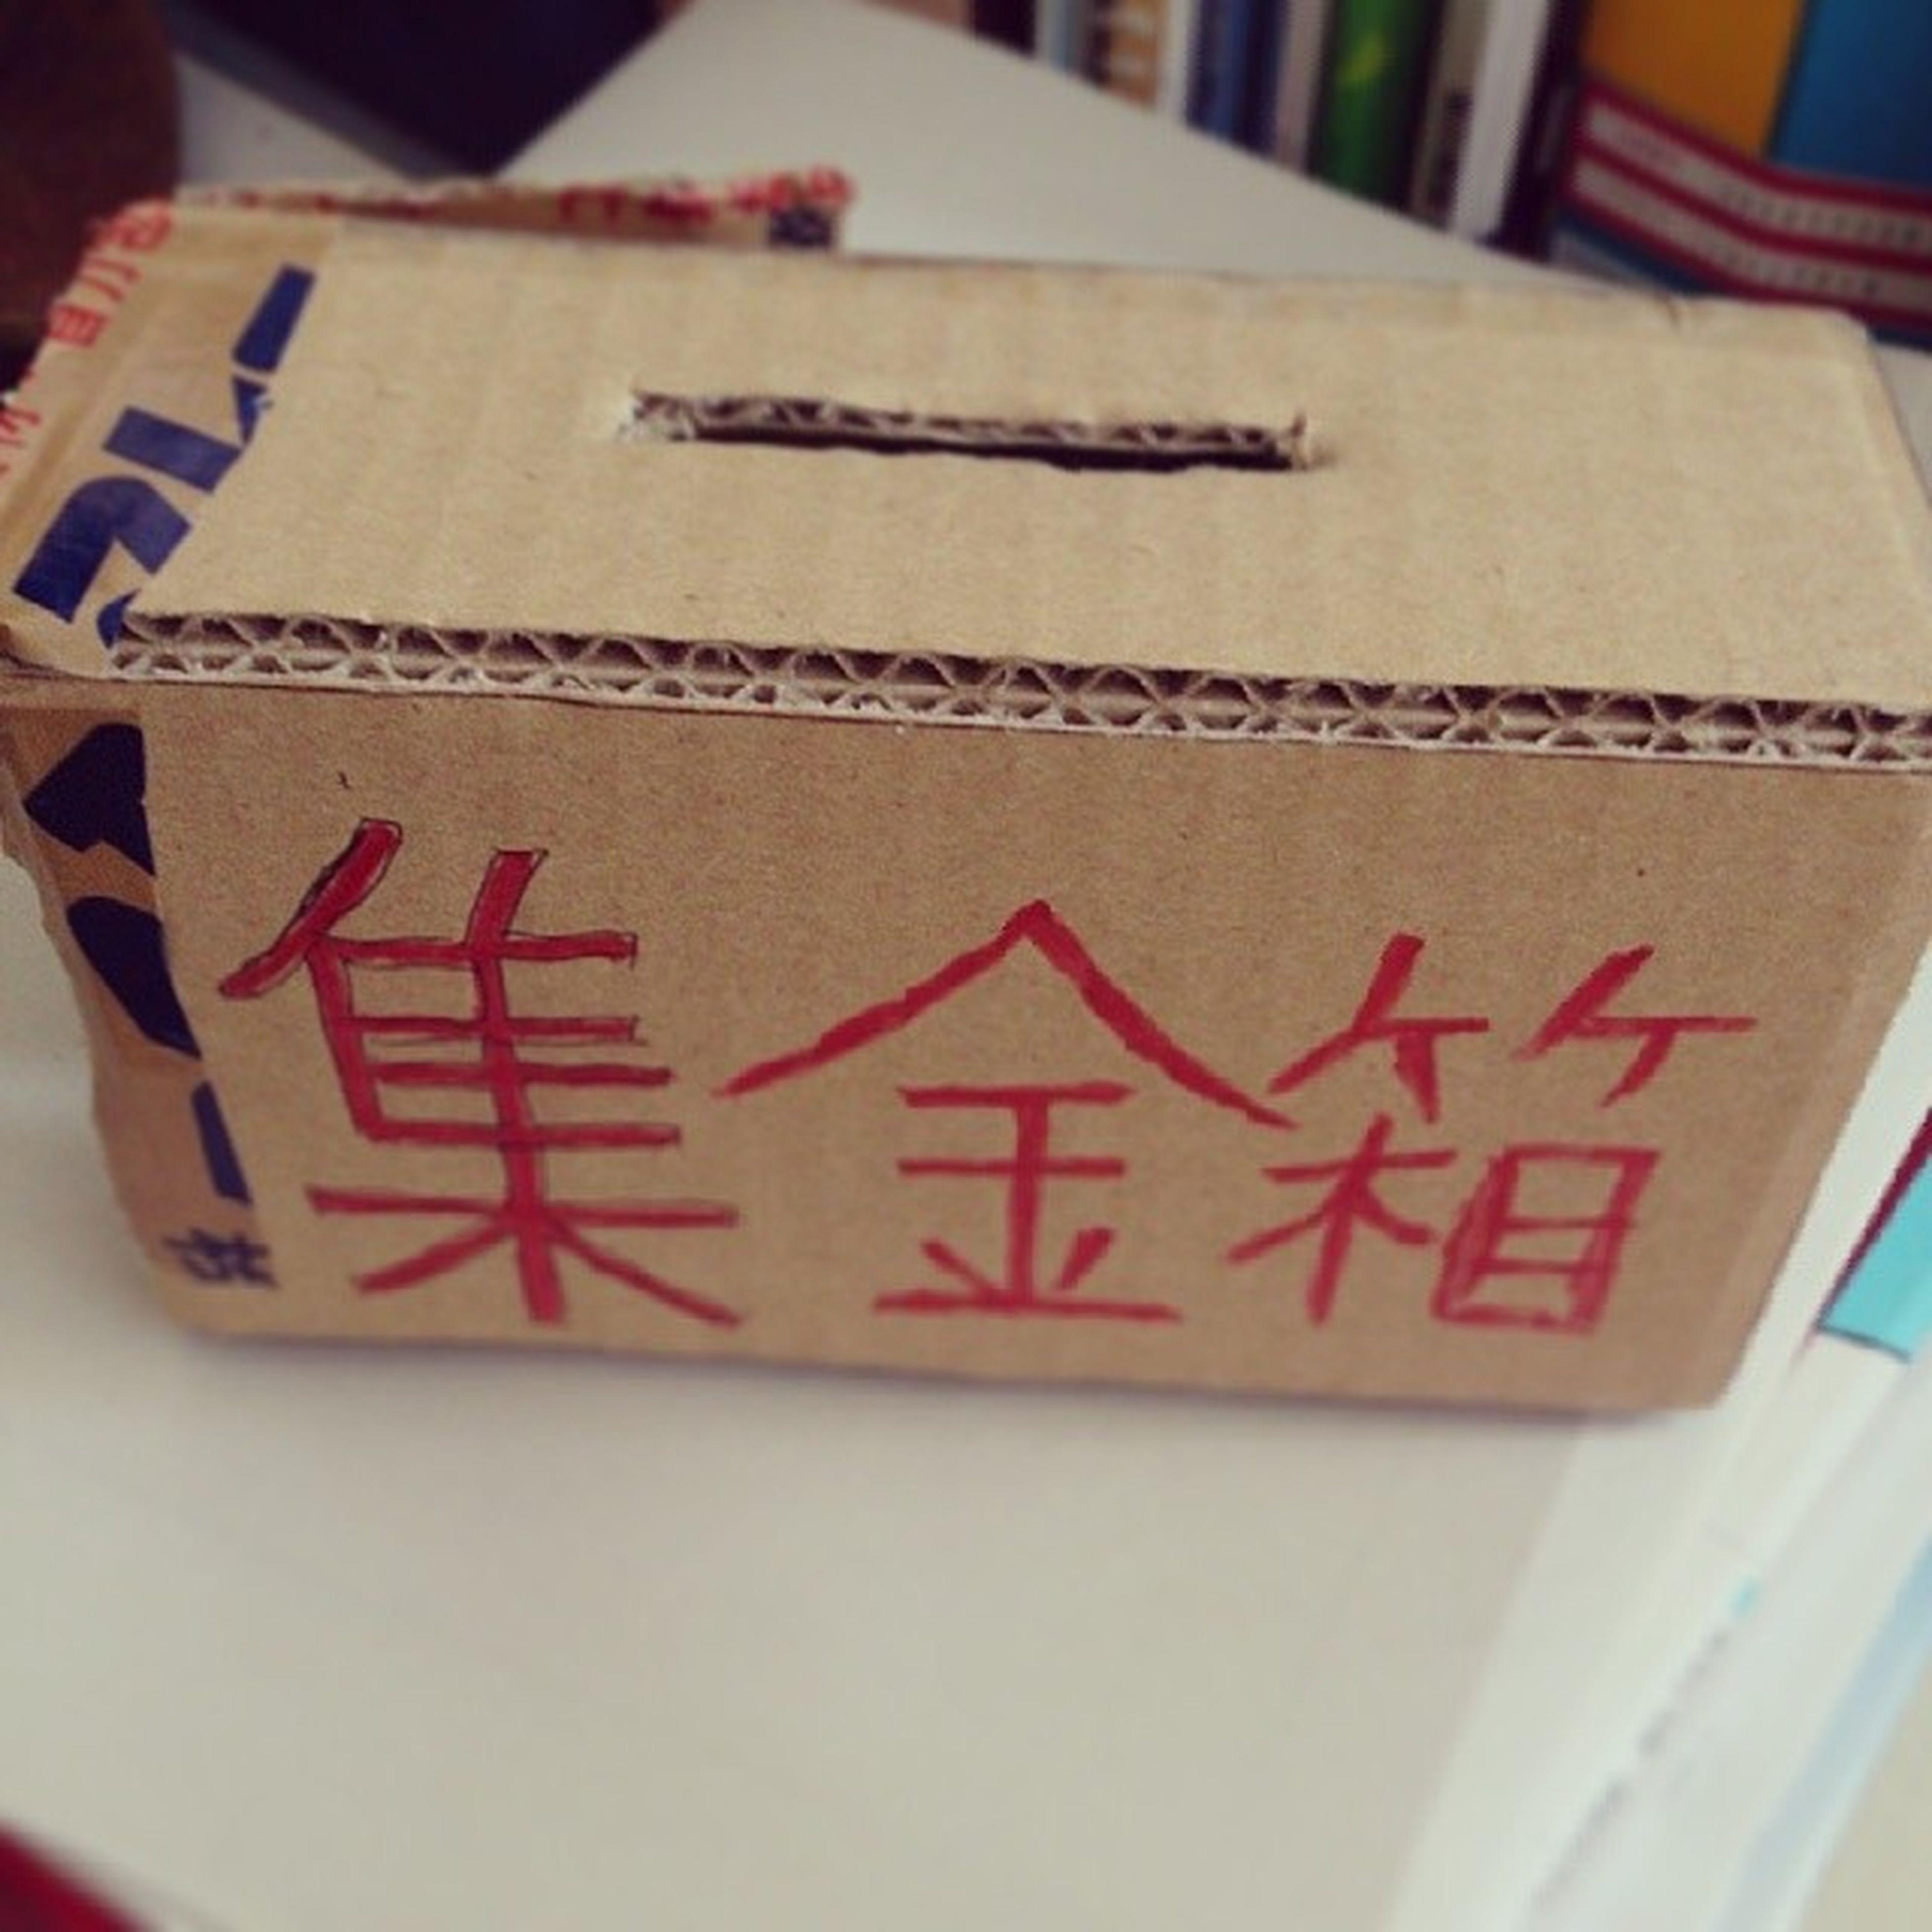 弟の机にこんなものがっ! なにこれ。一円玉しかはいってない。 集金箱 舞希 ??